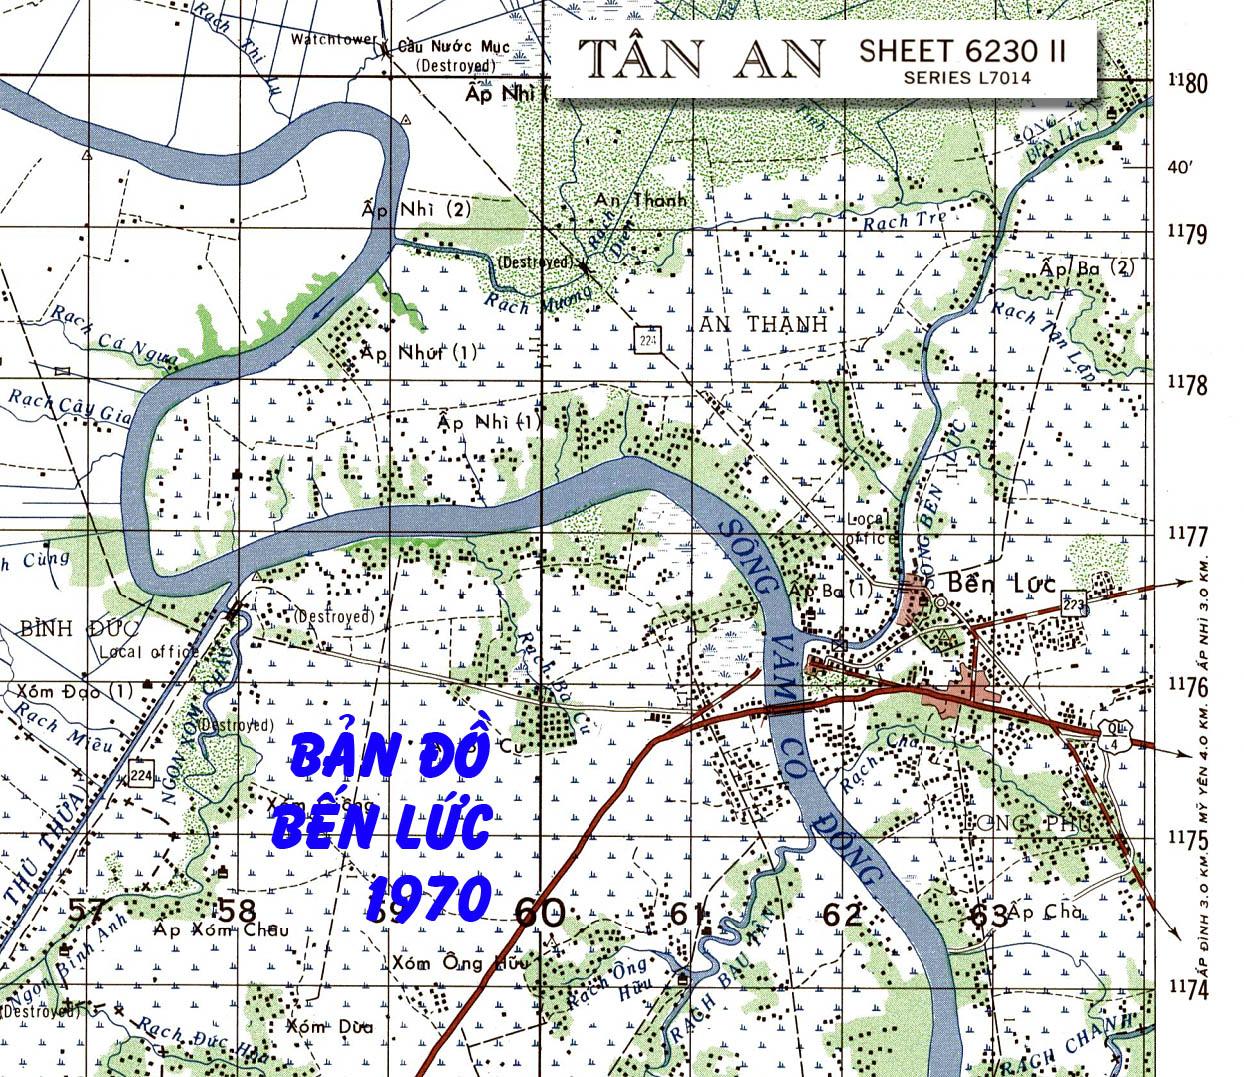 Bản đồ Bến Lức năm 1970